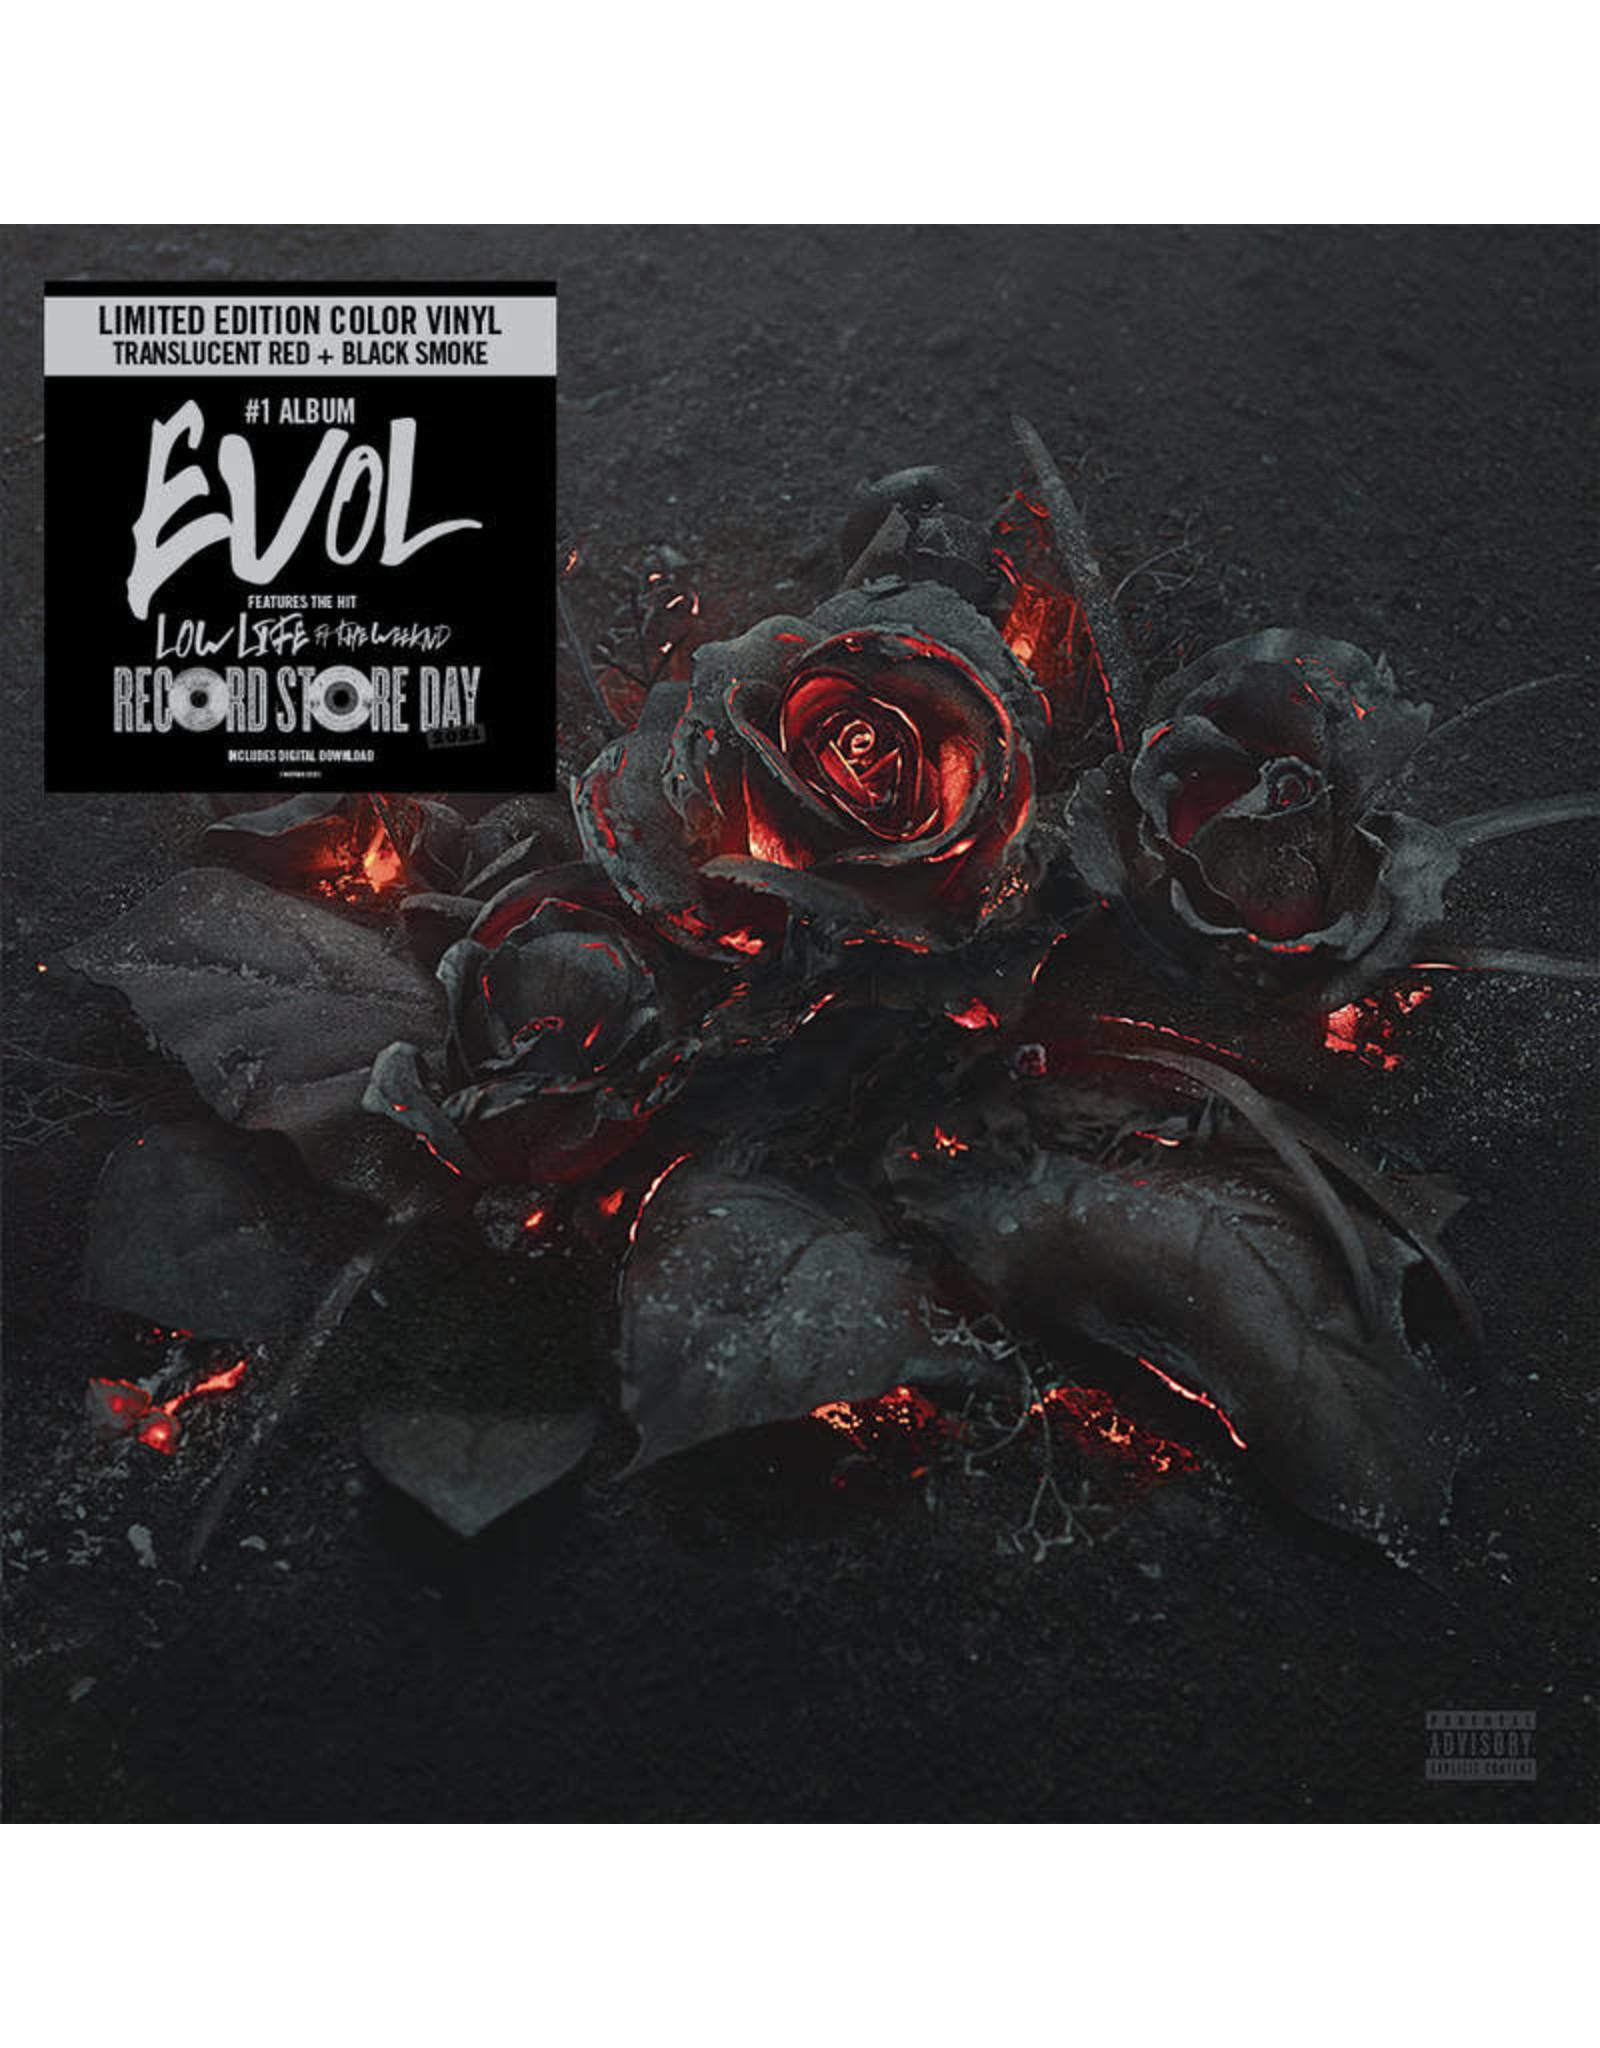 Future - EVOL (5th Edition) (Record Store Day) [Red / Black Vinyl]